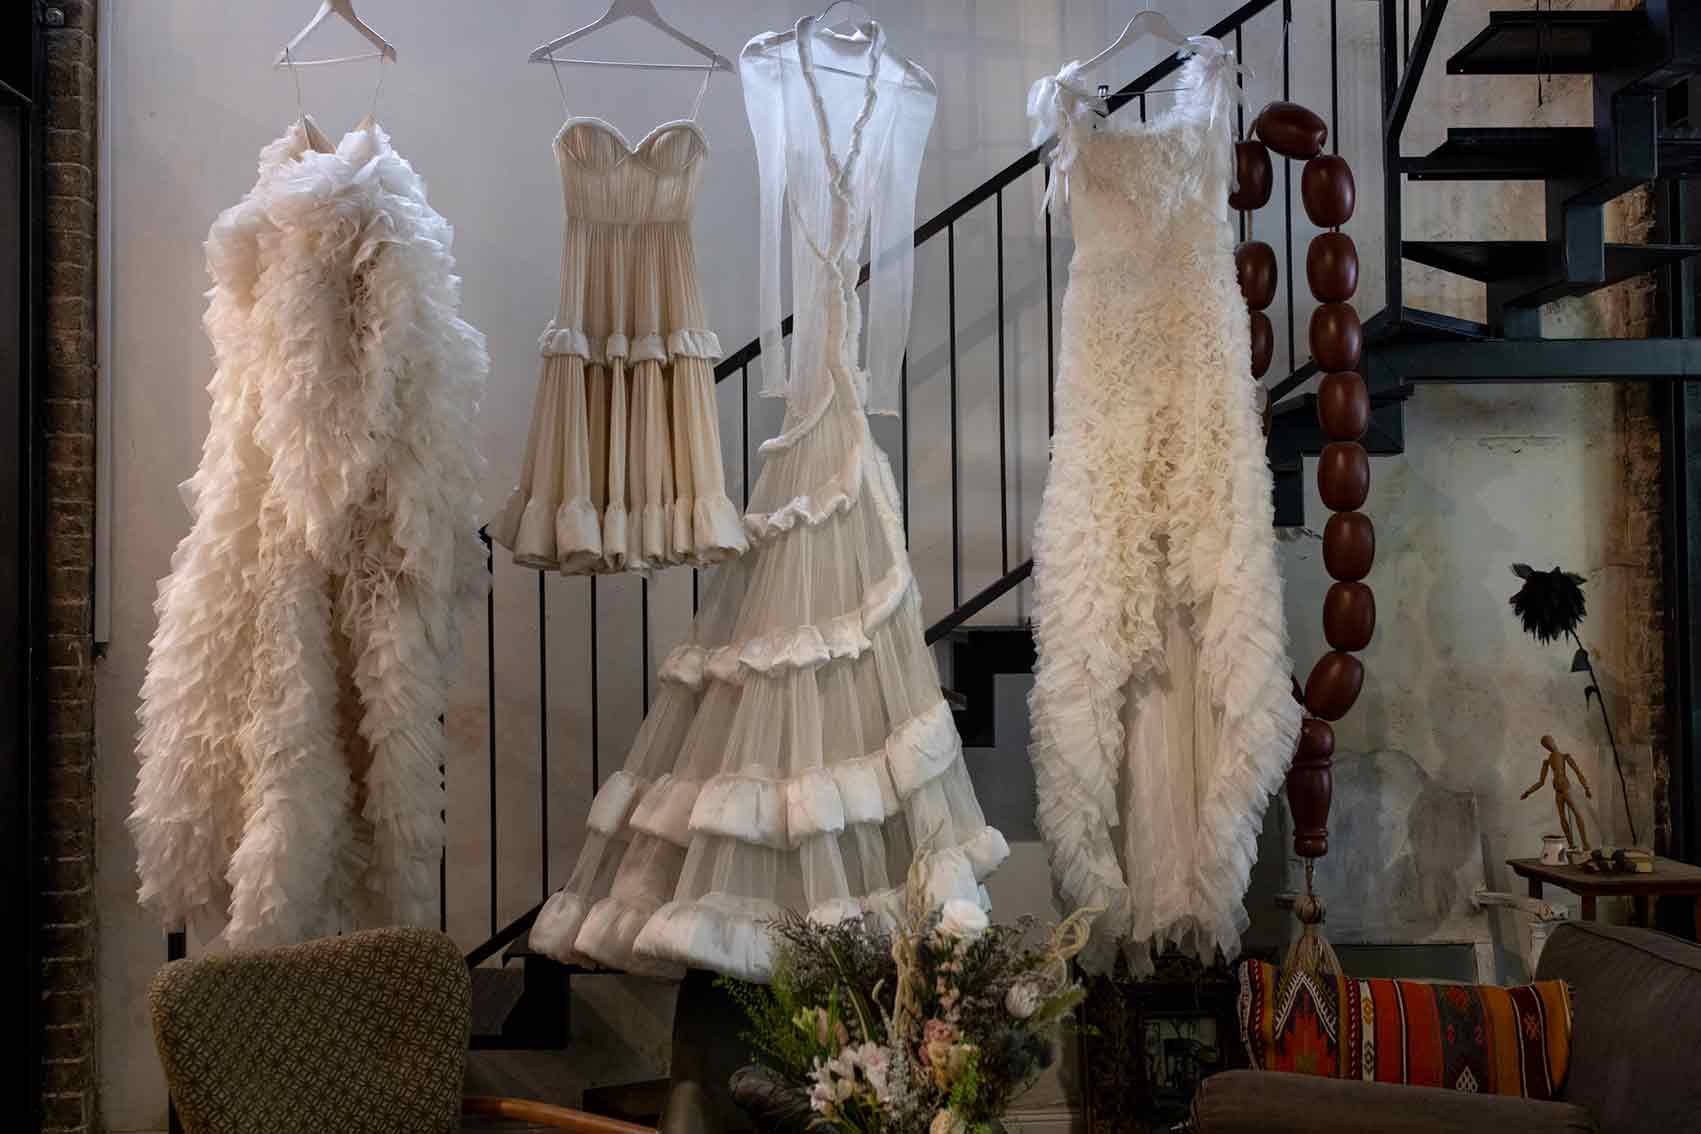 אופנה-ויוי בלאיש, צילום: שלי פדן-לורבר-אופנה